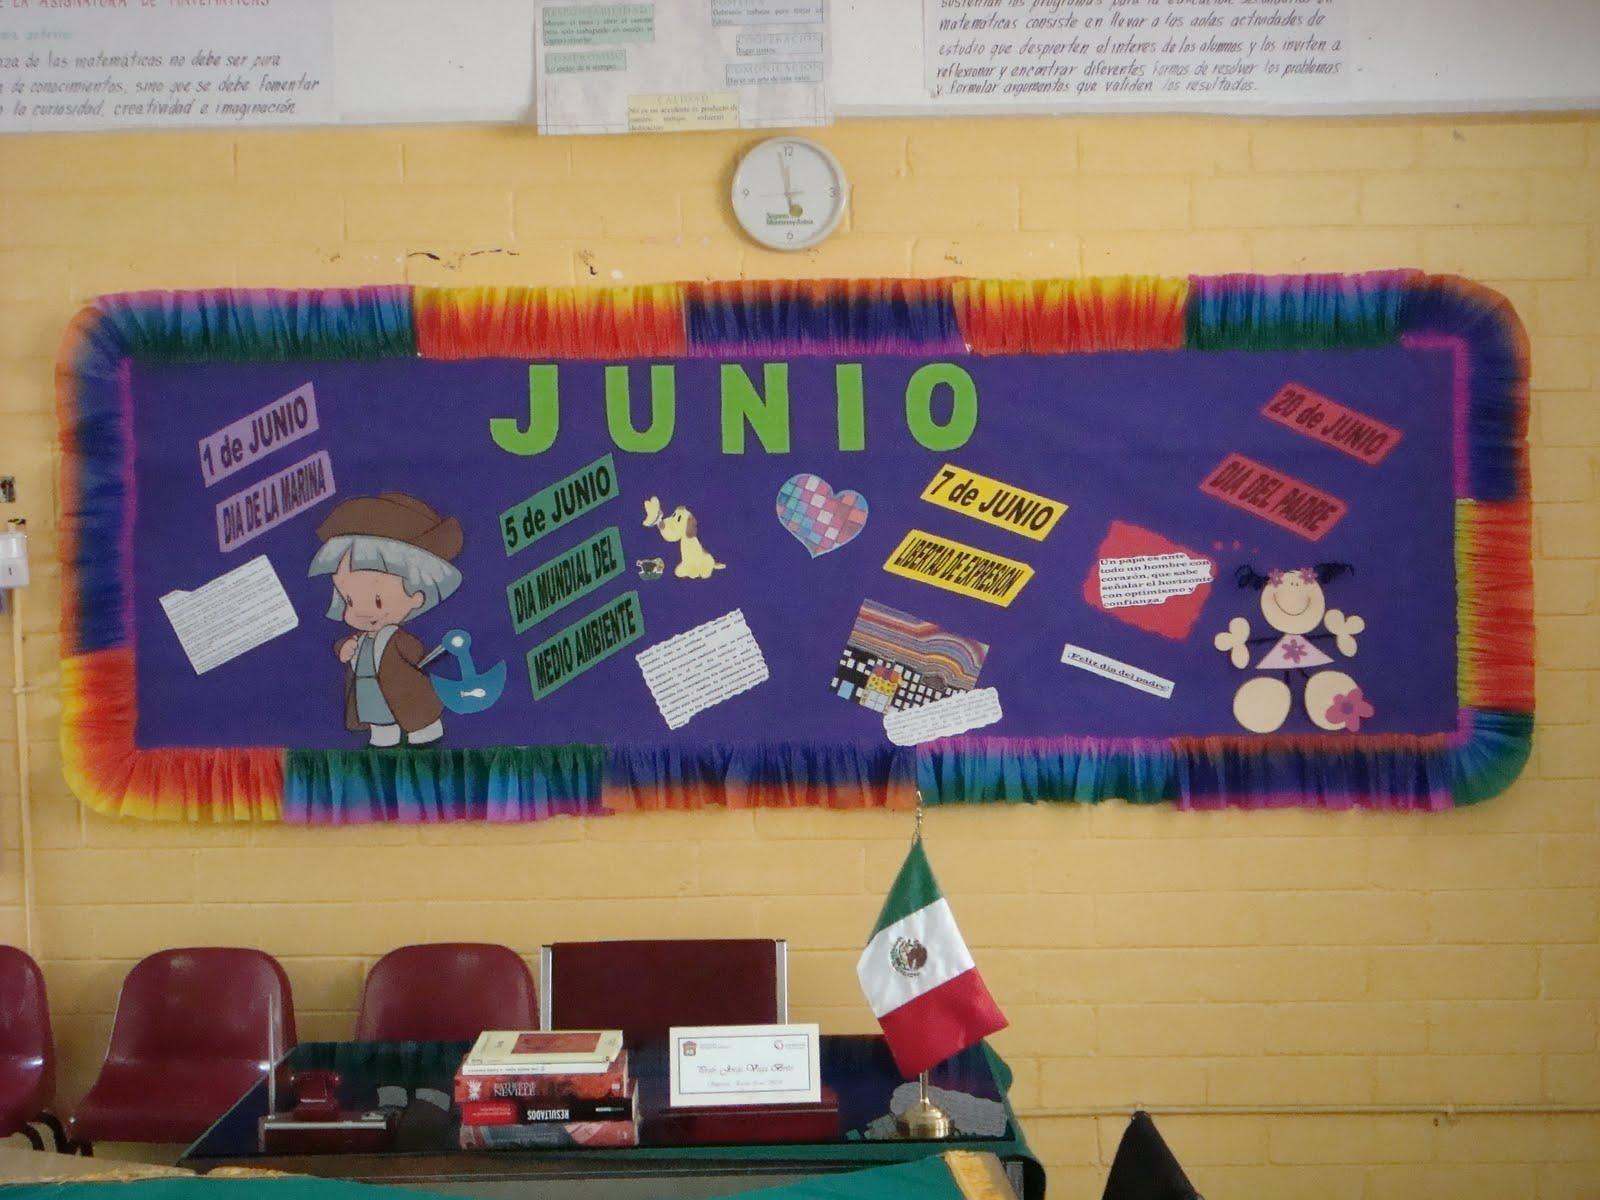 Peri dico mural mes de junio 11 imagenes educativas for Como decorar un mural